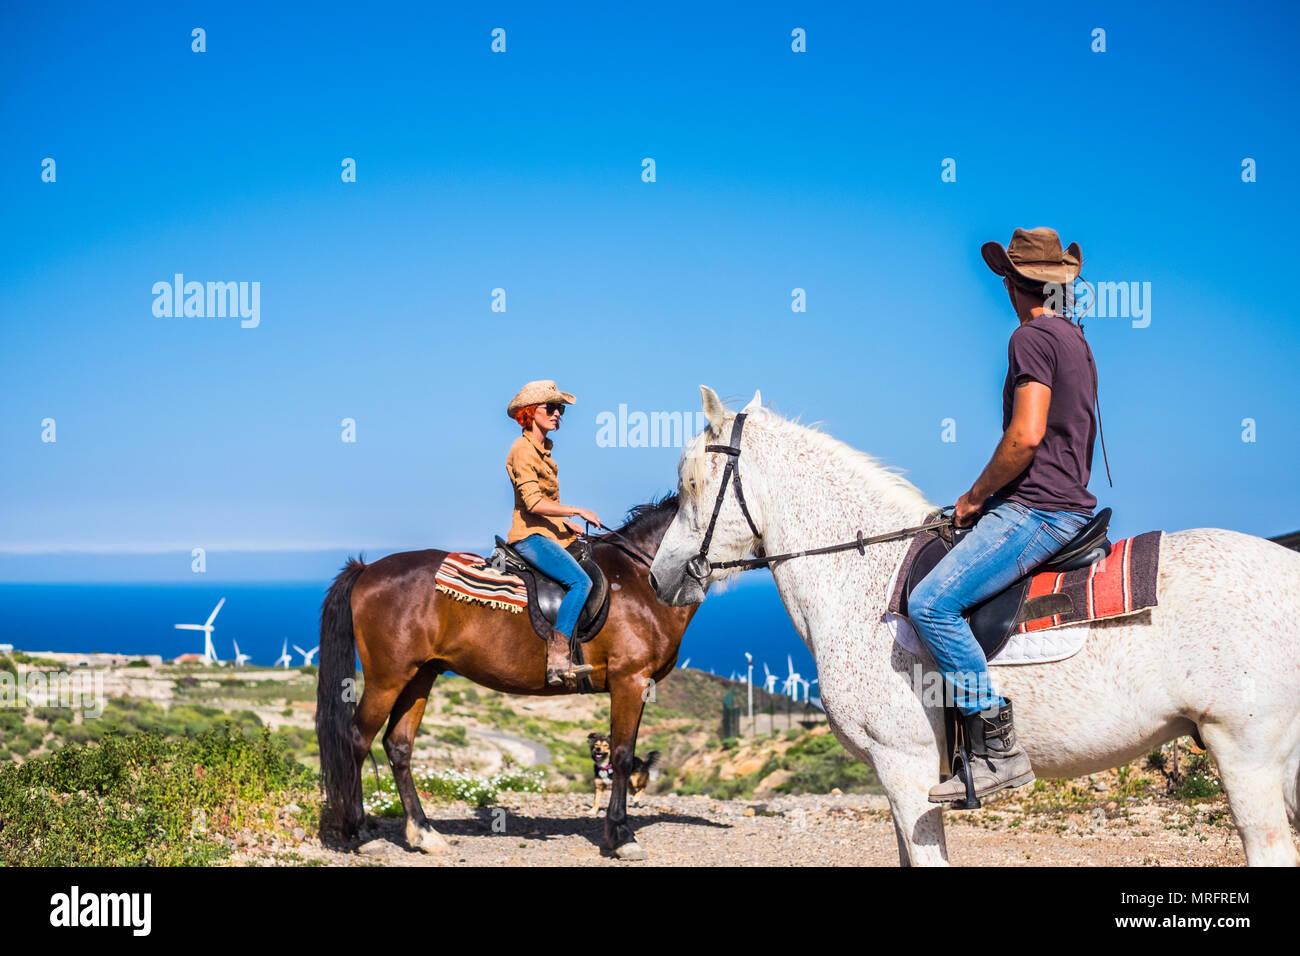 Schöne und tolle Orte auf der ganzen Welt alternative Art der Reise mit Pferden beste Freunde entdecken. Weiße kaukasier Paar in der Freizeit Stockbild